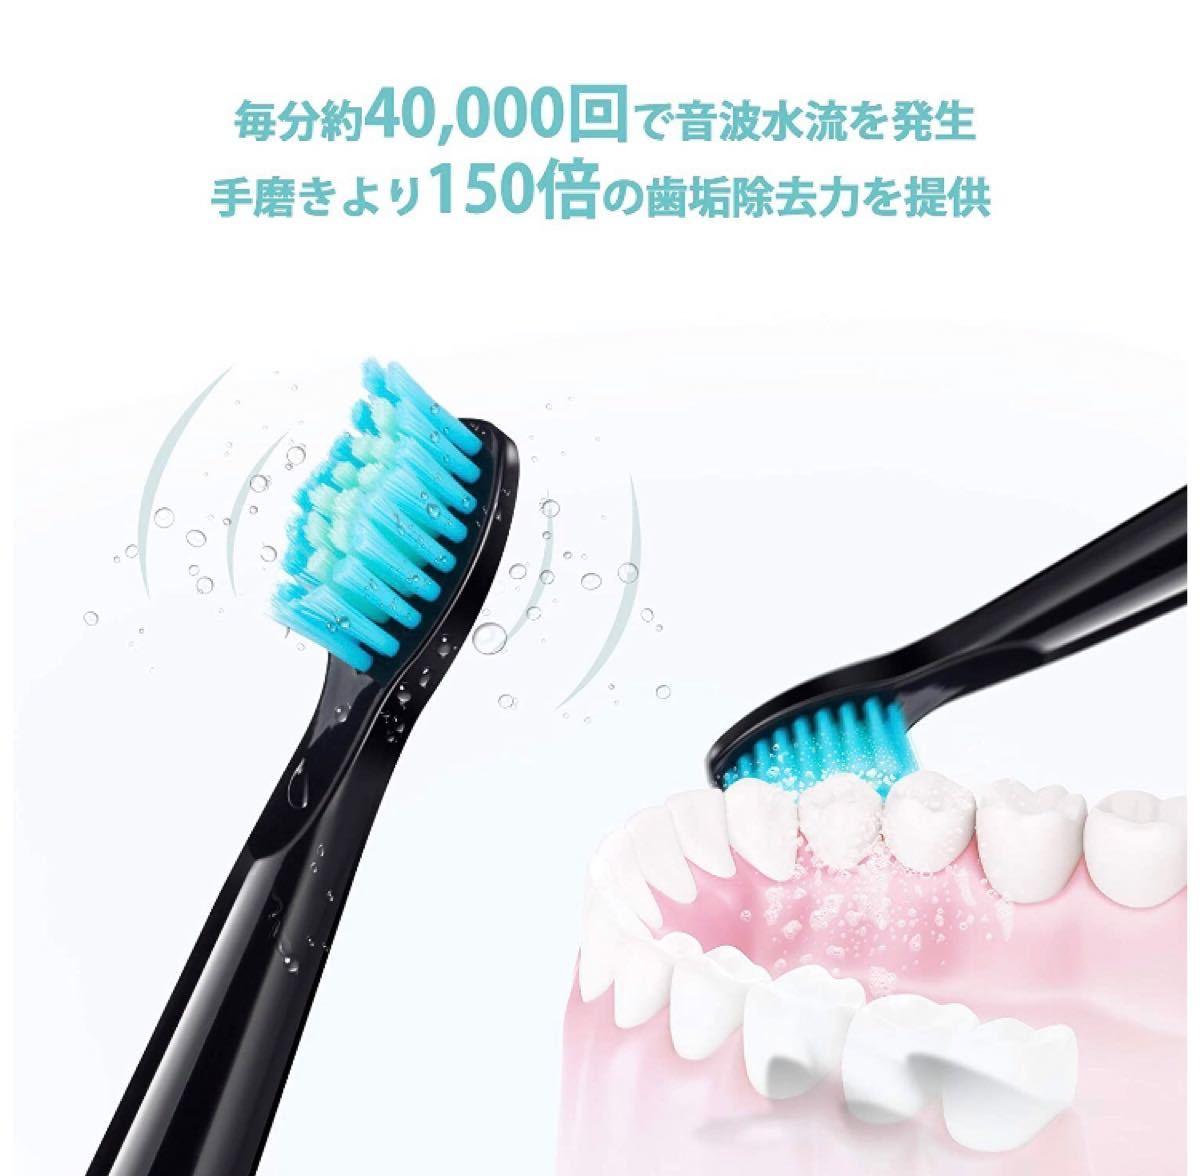 電動歯ブラシ ハブラシ 音波歯ブラシ USB充電式  IPX7防水 充電式